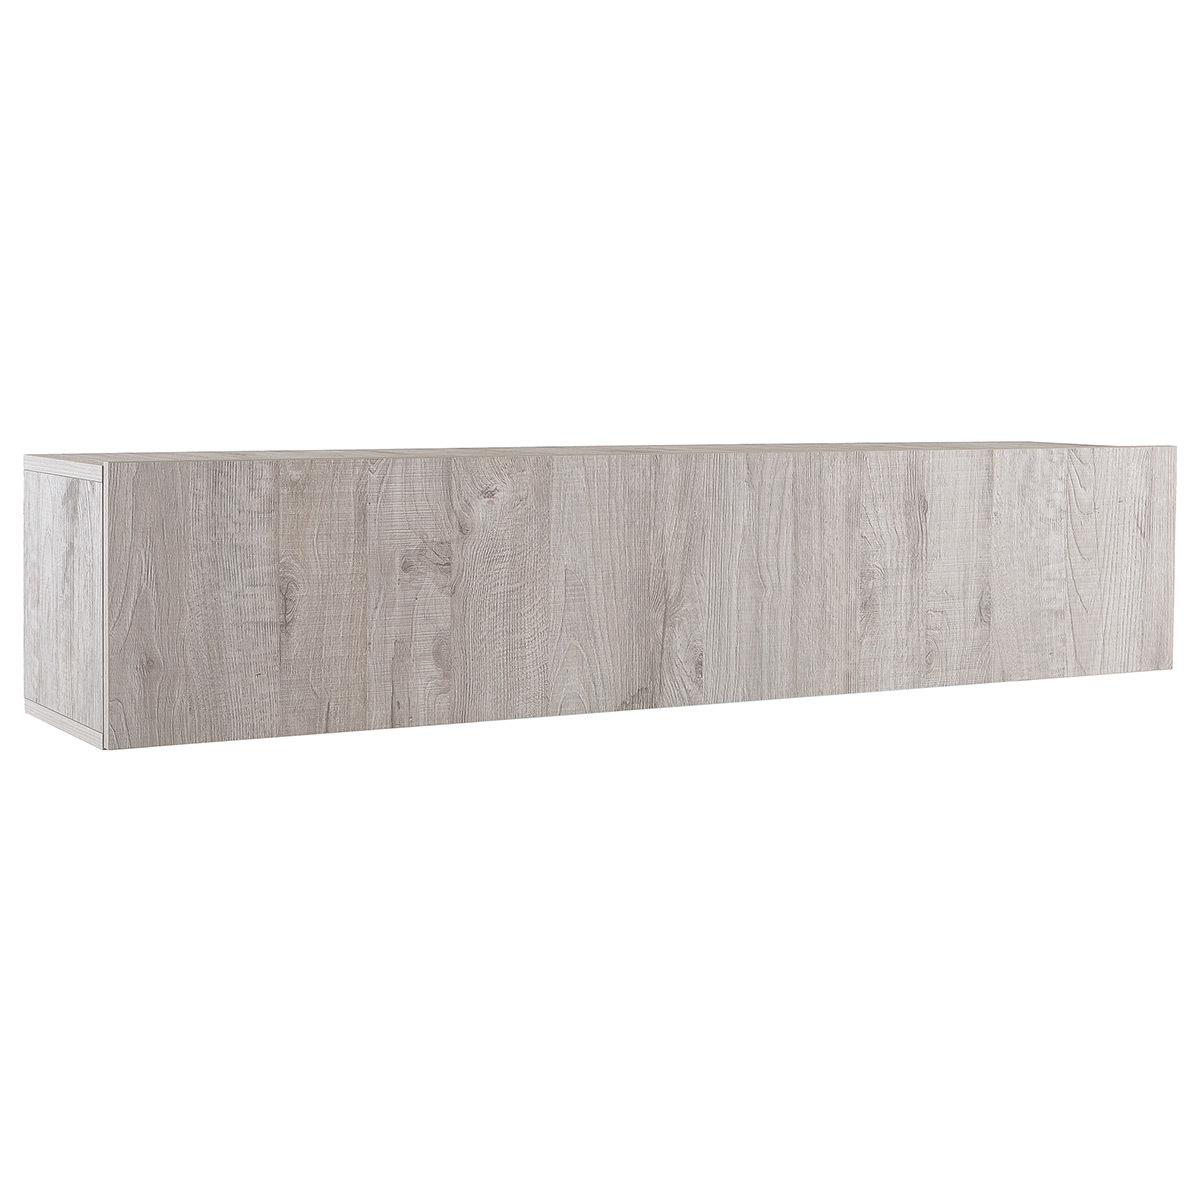 Elemento da parete TV legno grigio orizzontale COLORED V2